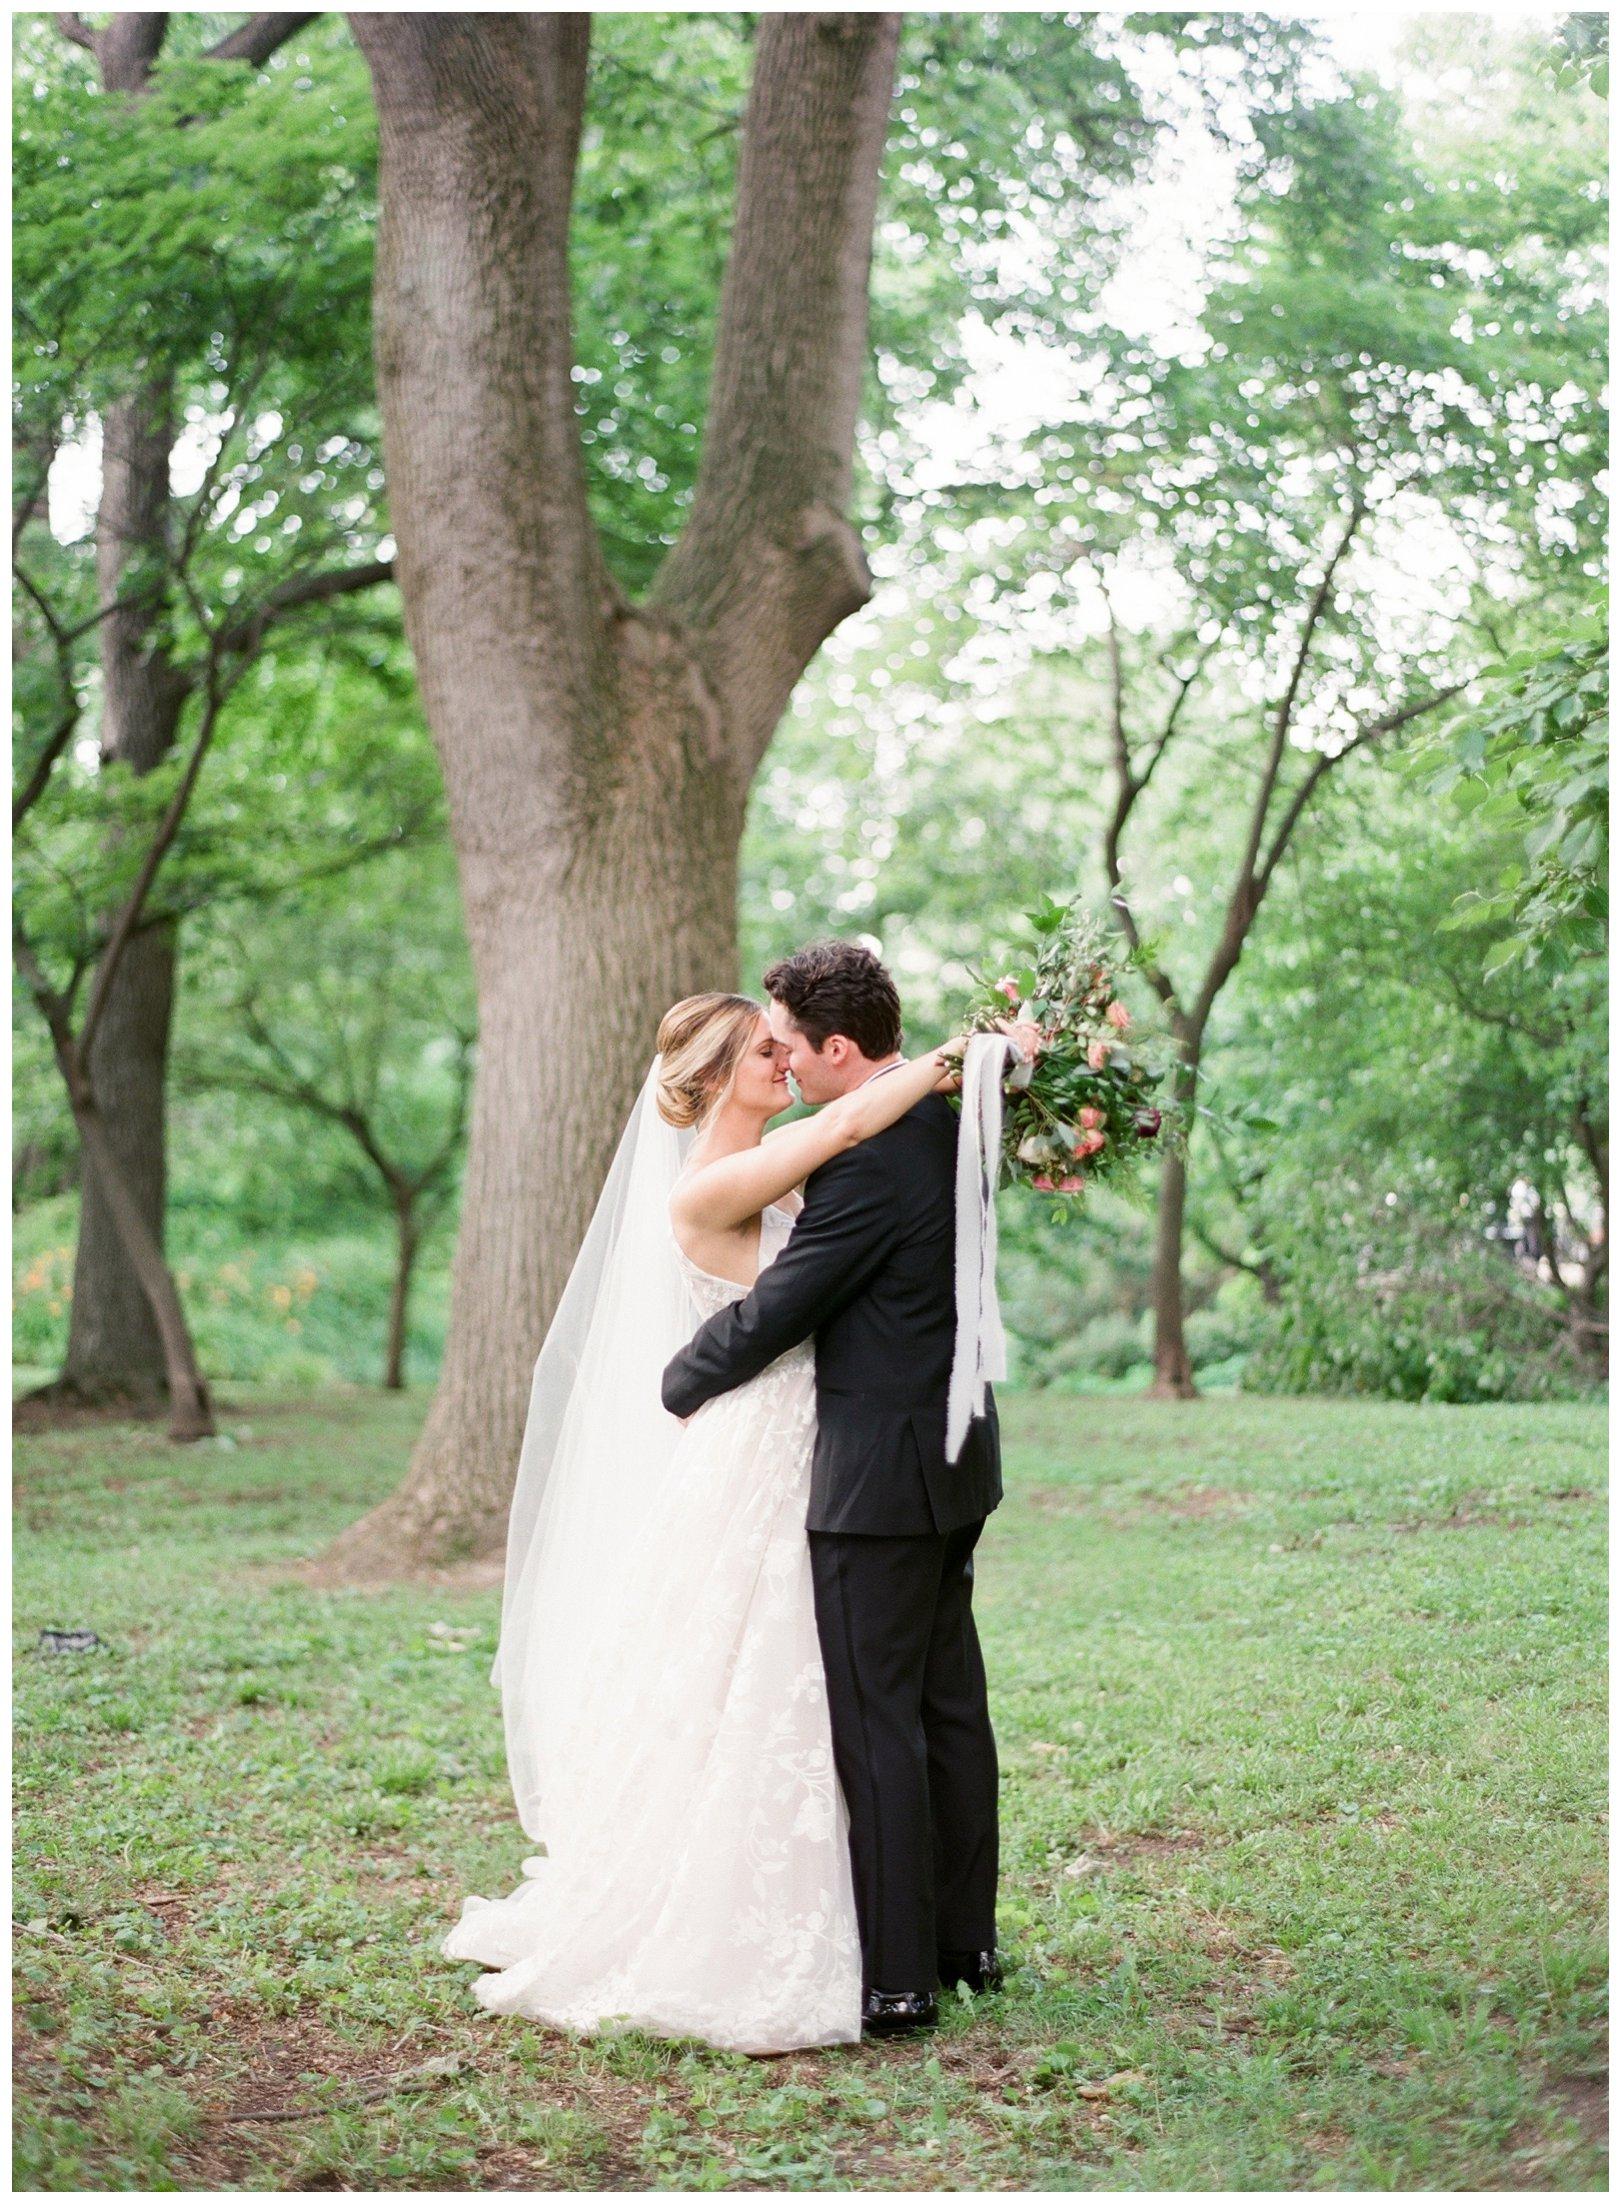 lauren muckler photography_fine art film wedding photography_st louis_photography_3205.jpg